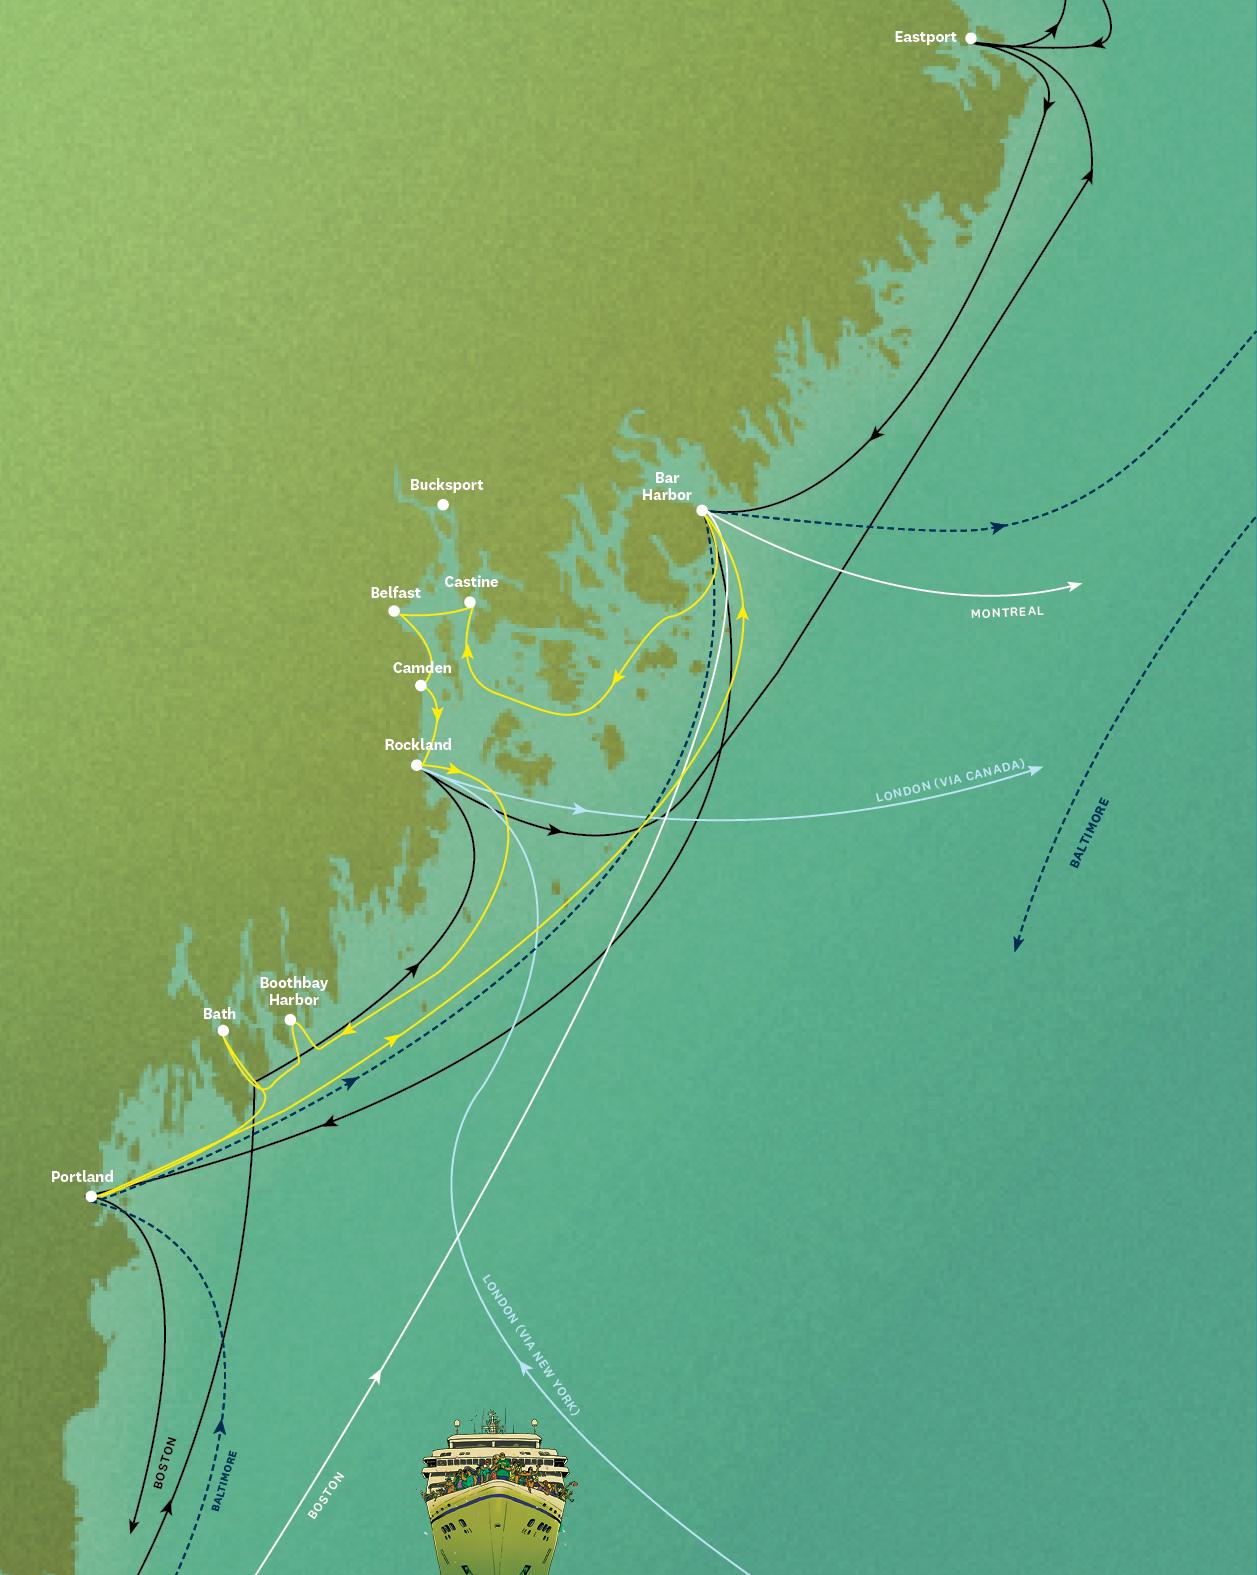 Cruise ships map